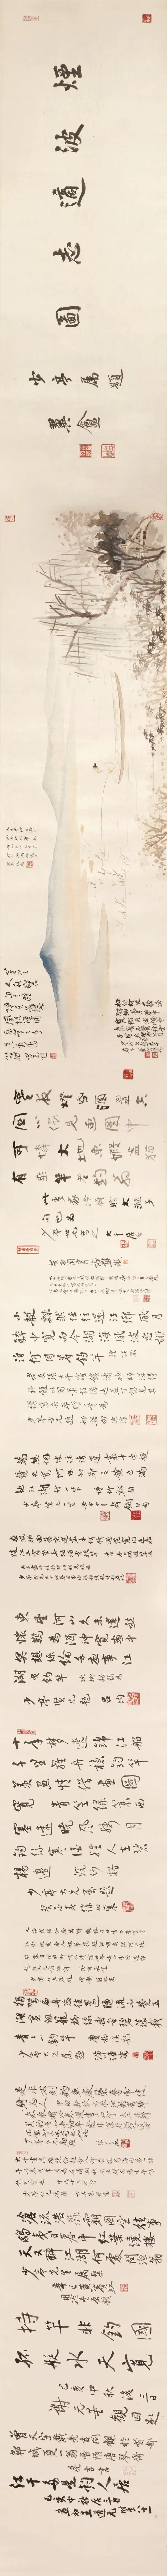 【一起看大拍】伦敦蘇富比 | 中国近现代书画巨匠